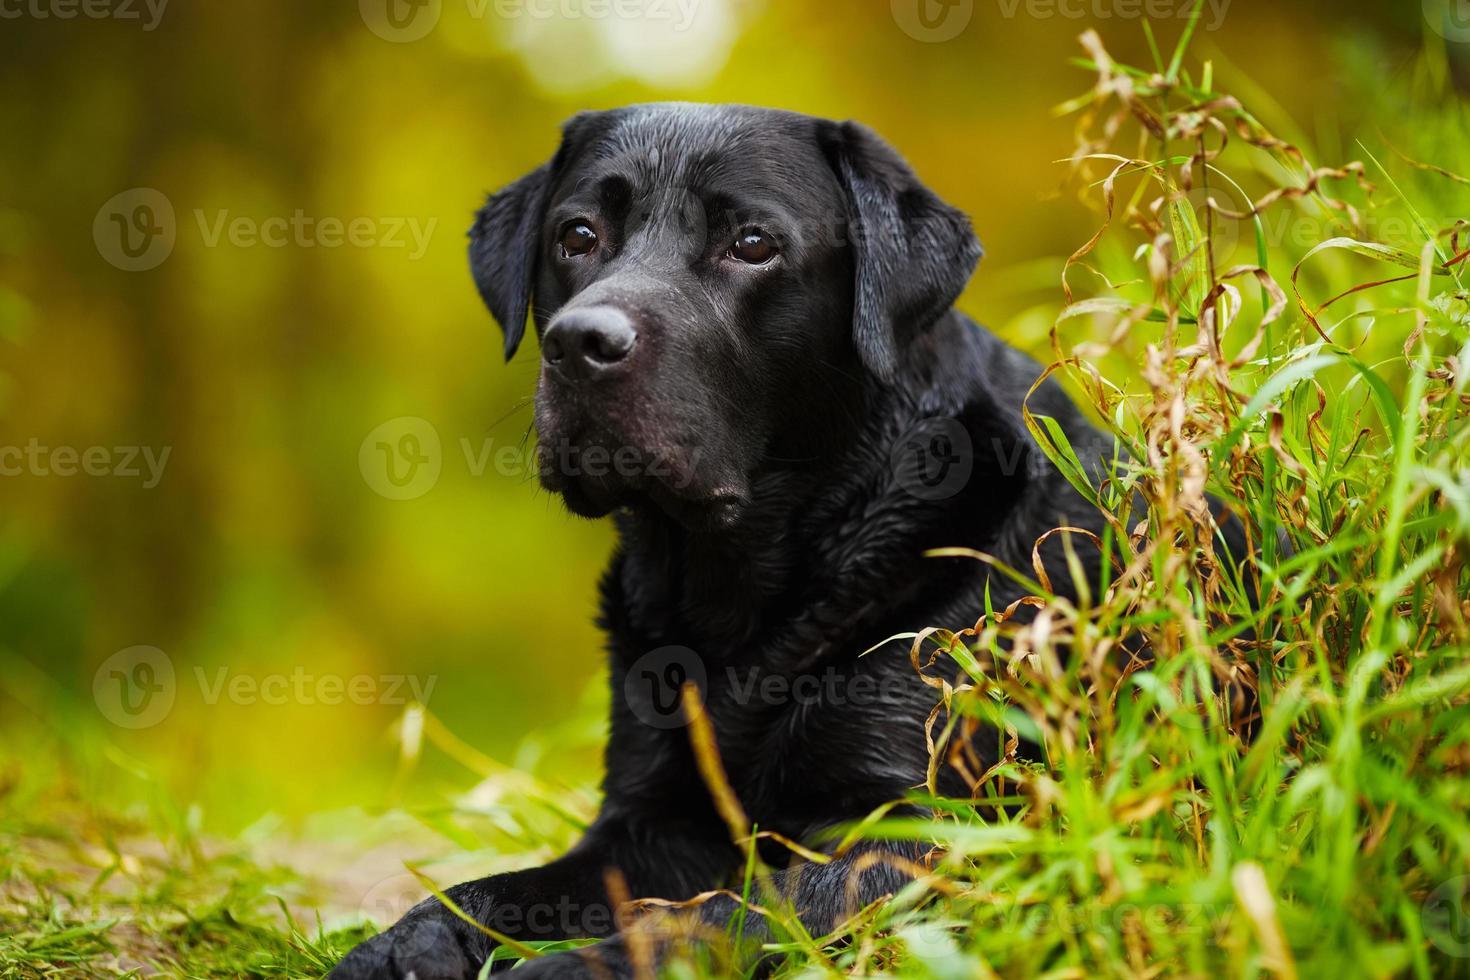 zwarte natte labrador foto